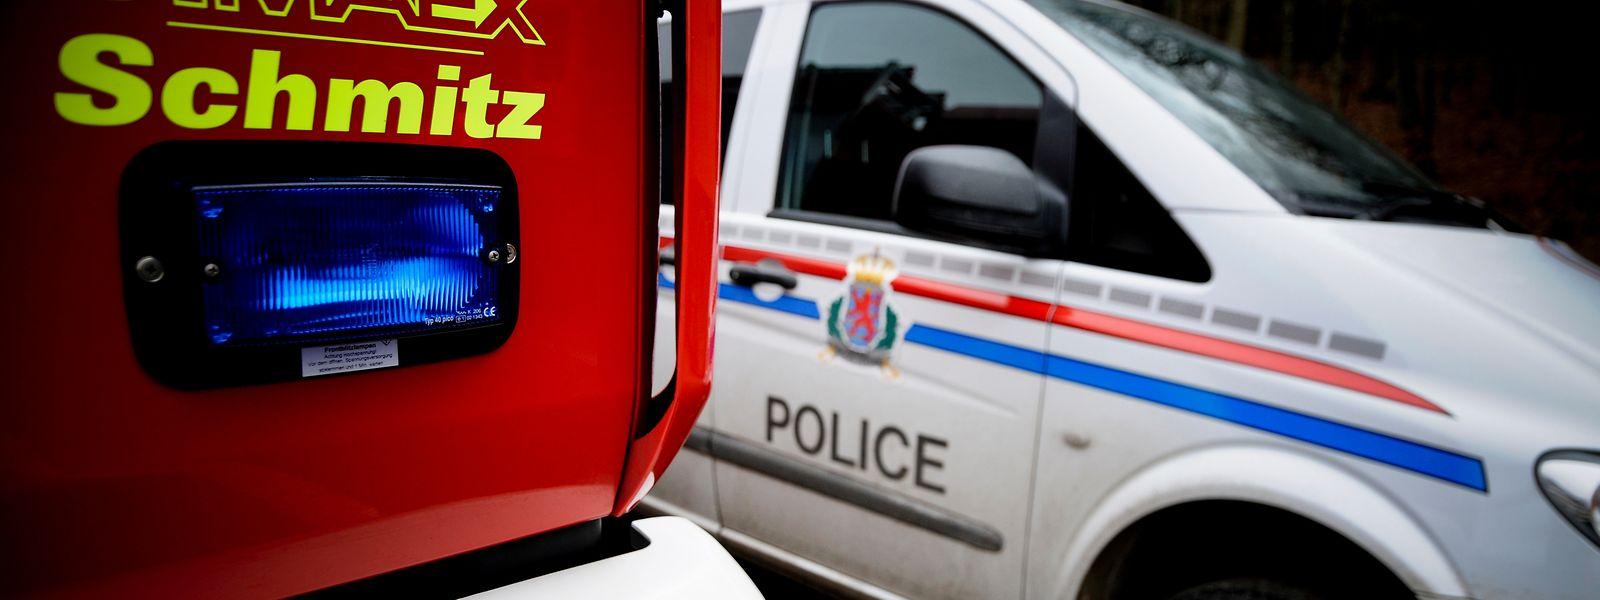 Die Feuerwehr musste mit schwerem Atemschutz in das Gebäude, um den Brand zu löschen.